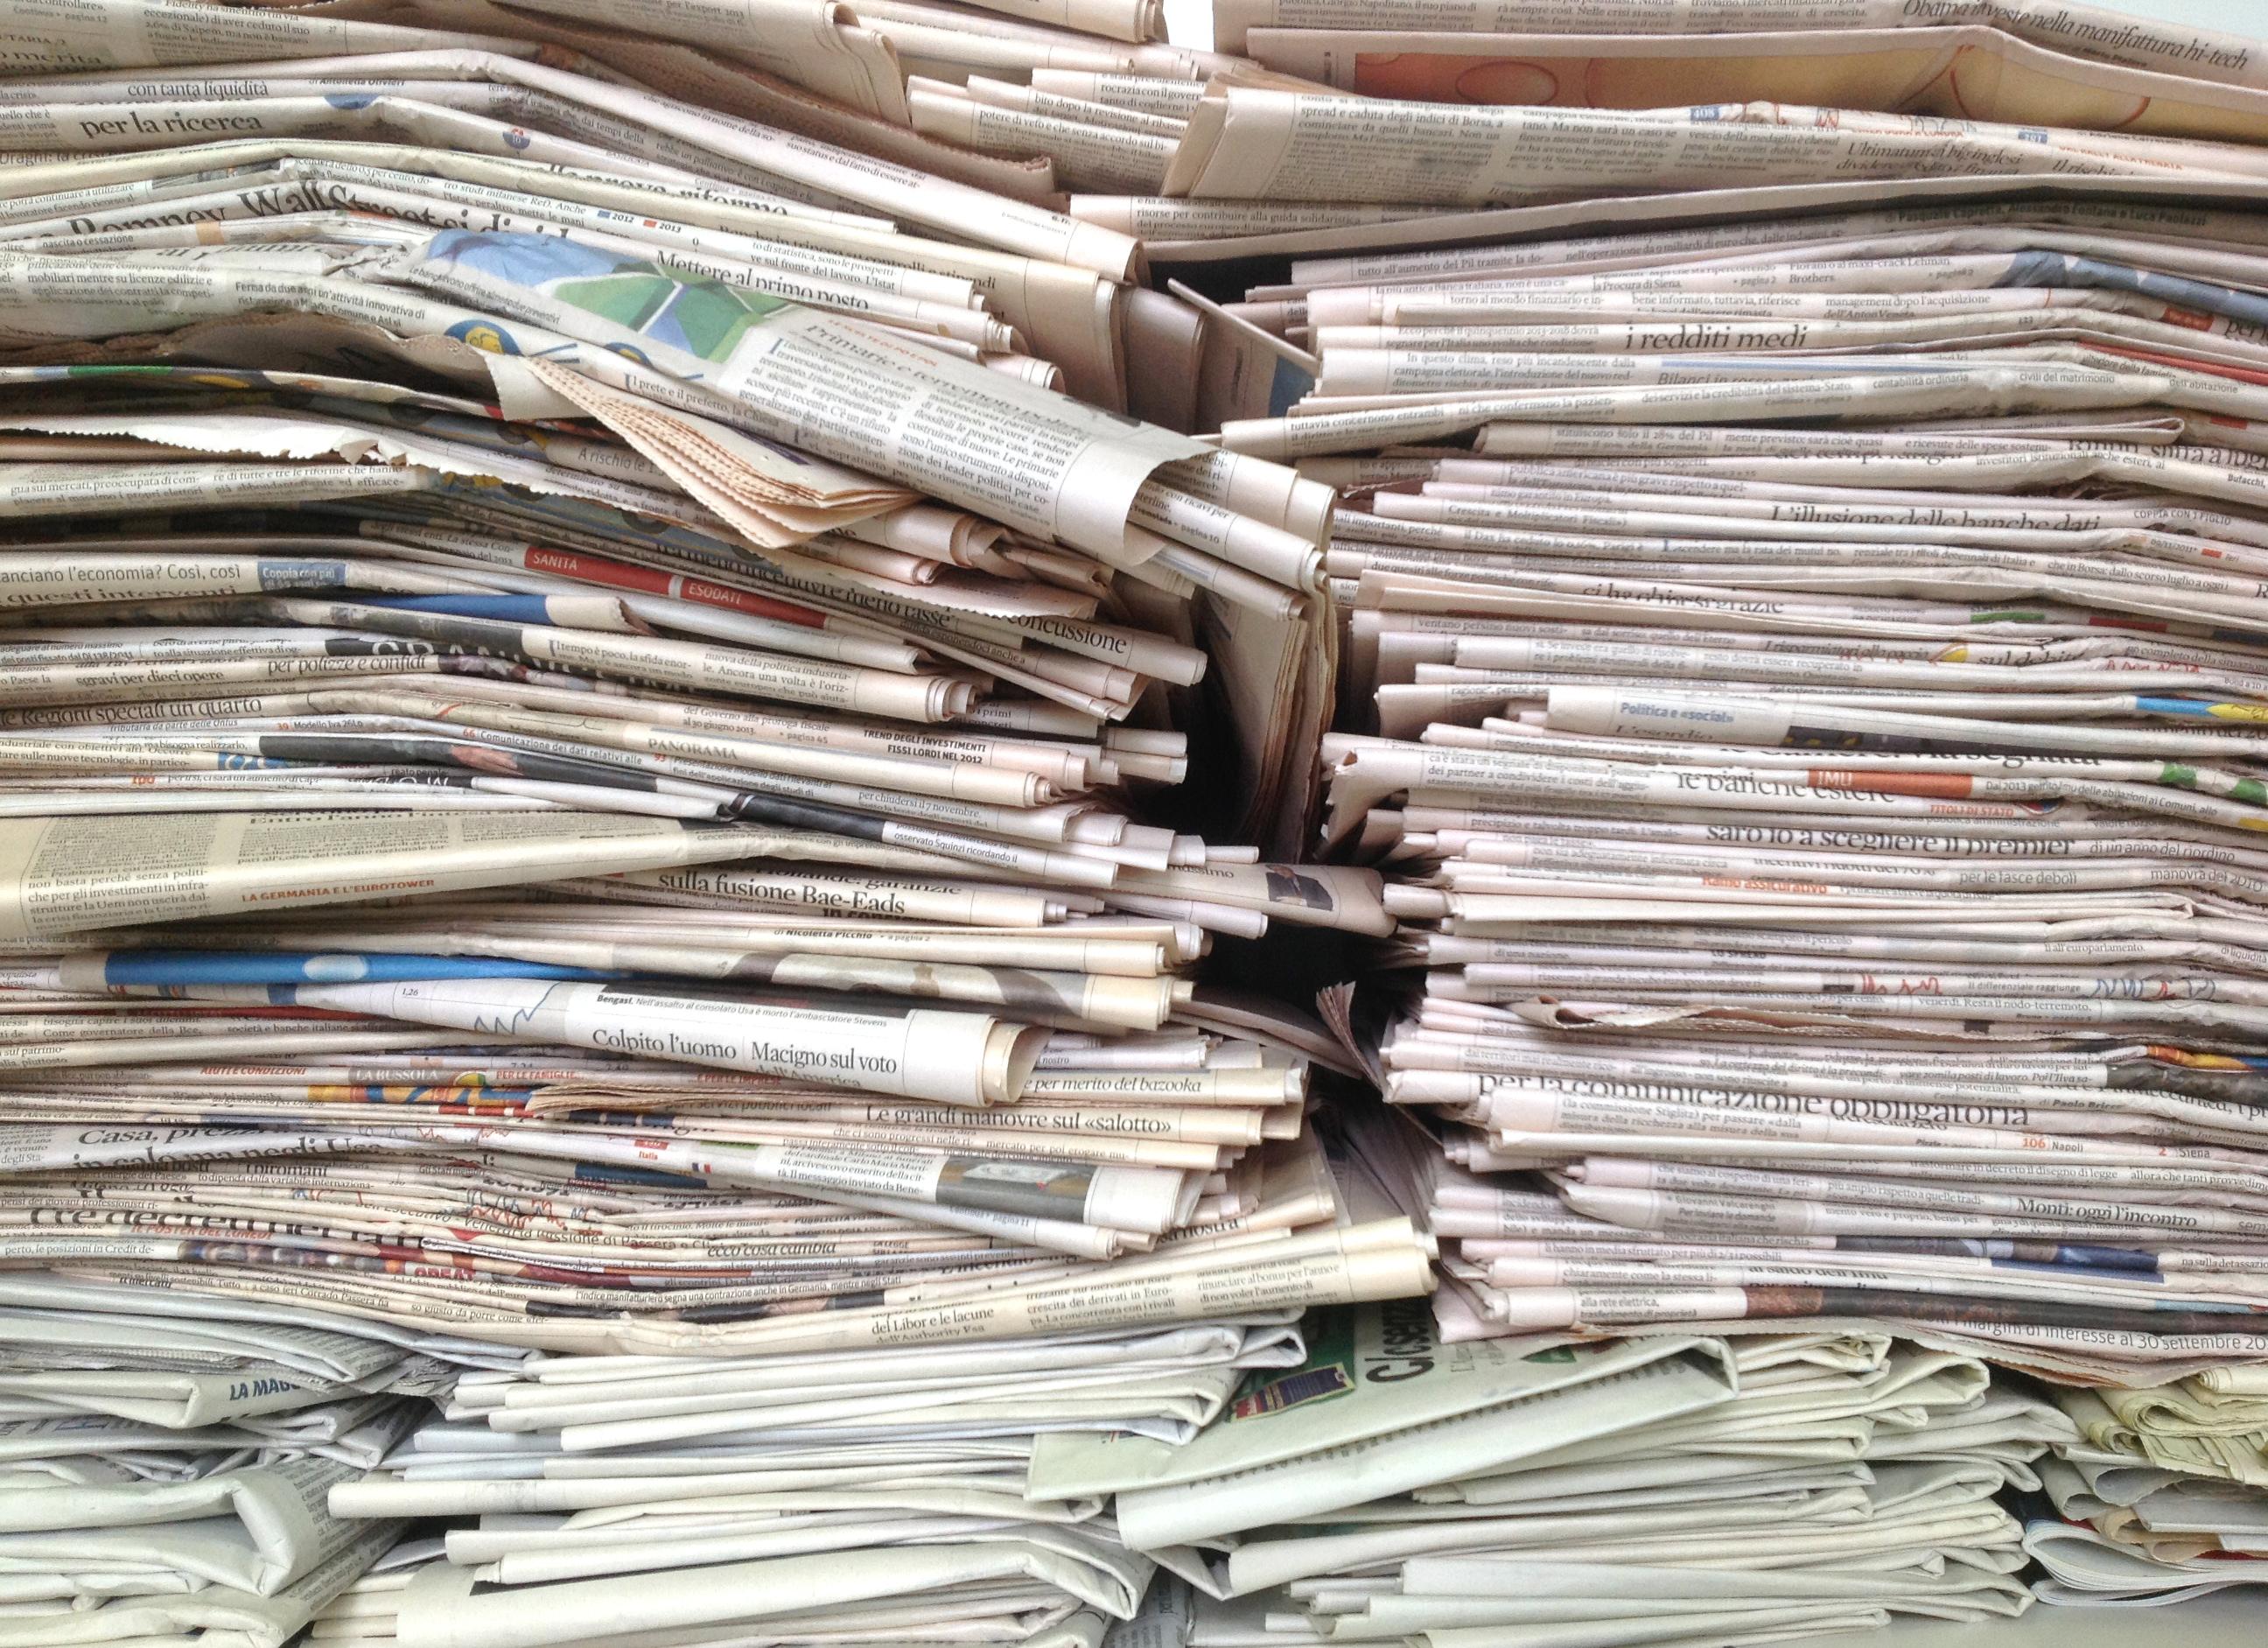 Edicolante arrestato a genova rubava giornali ai colleghi - Giornali di cucina ...